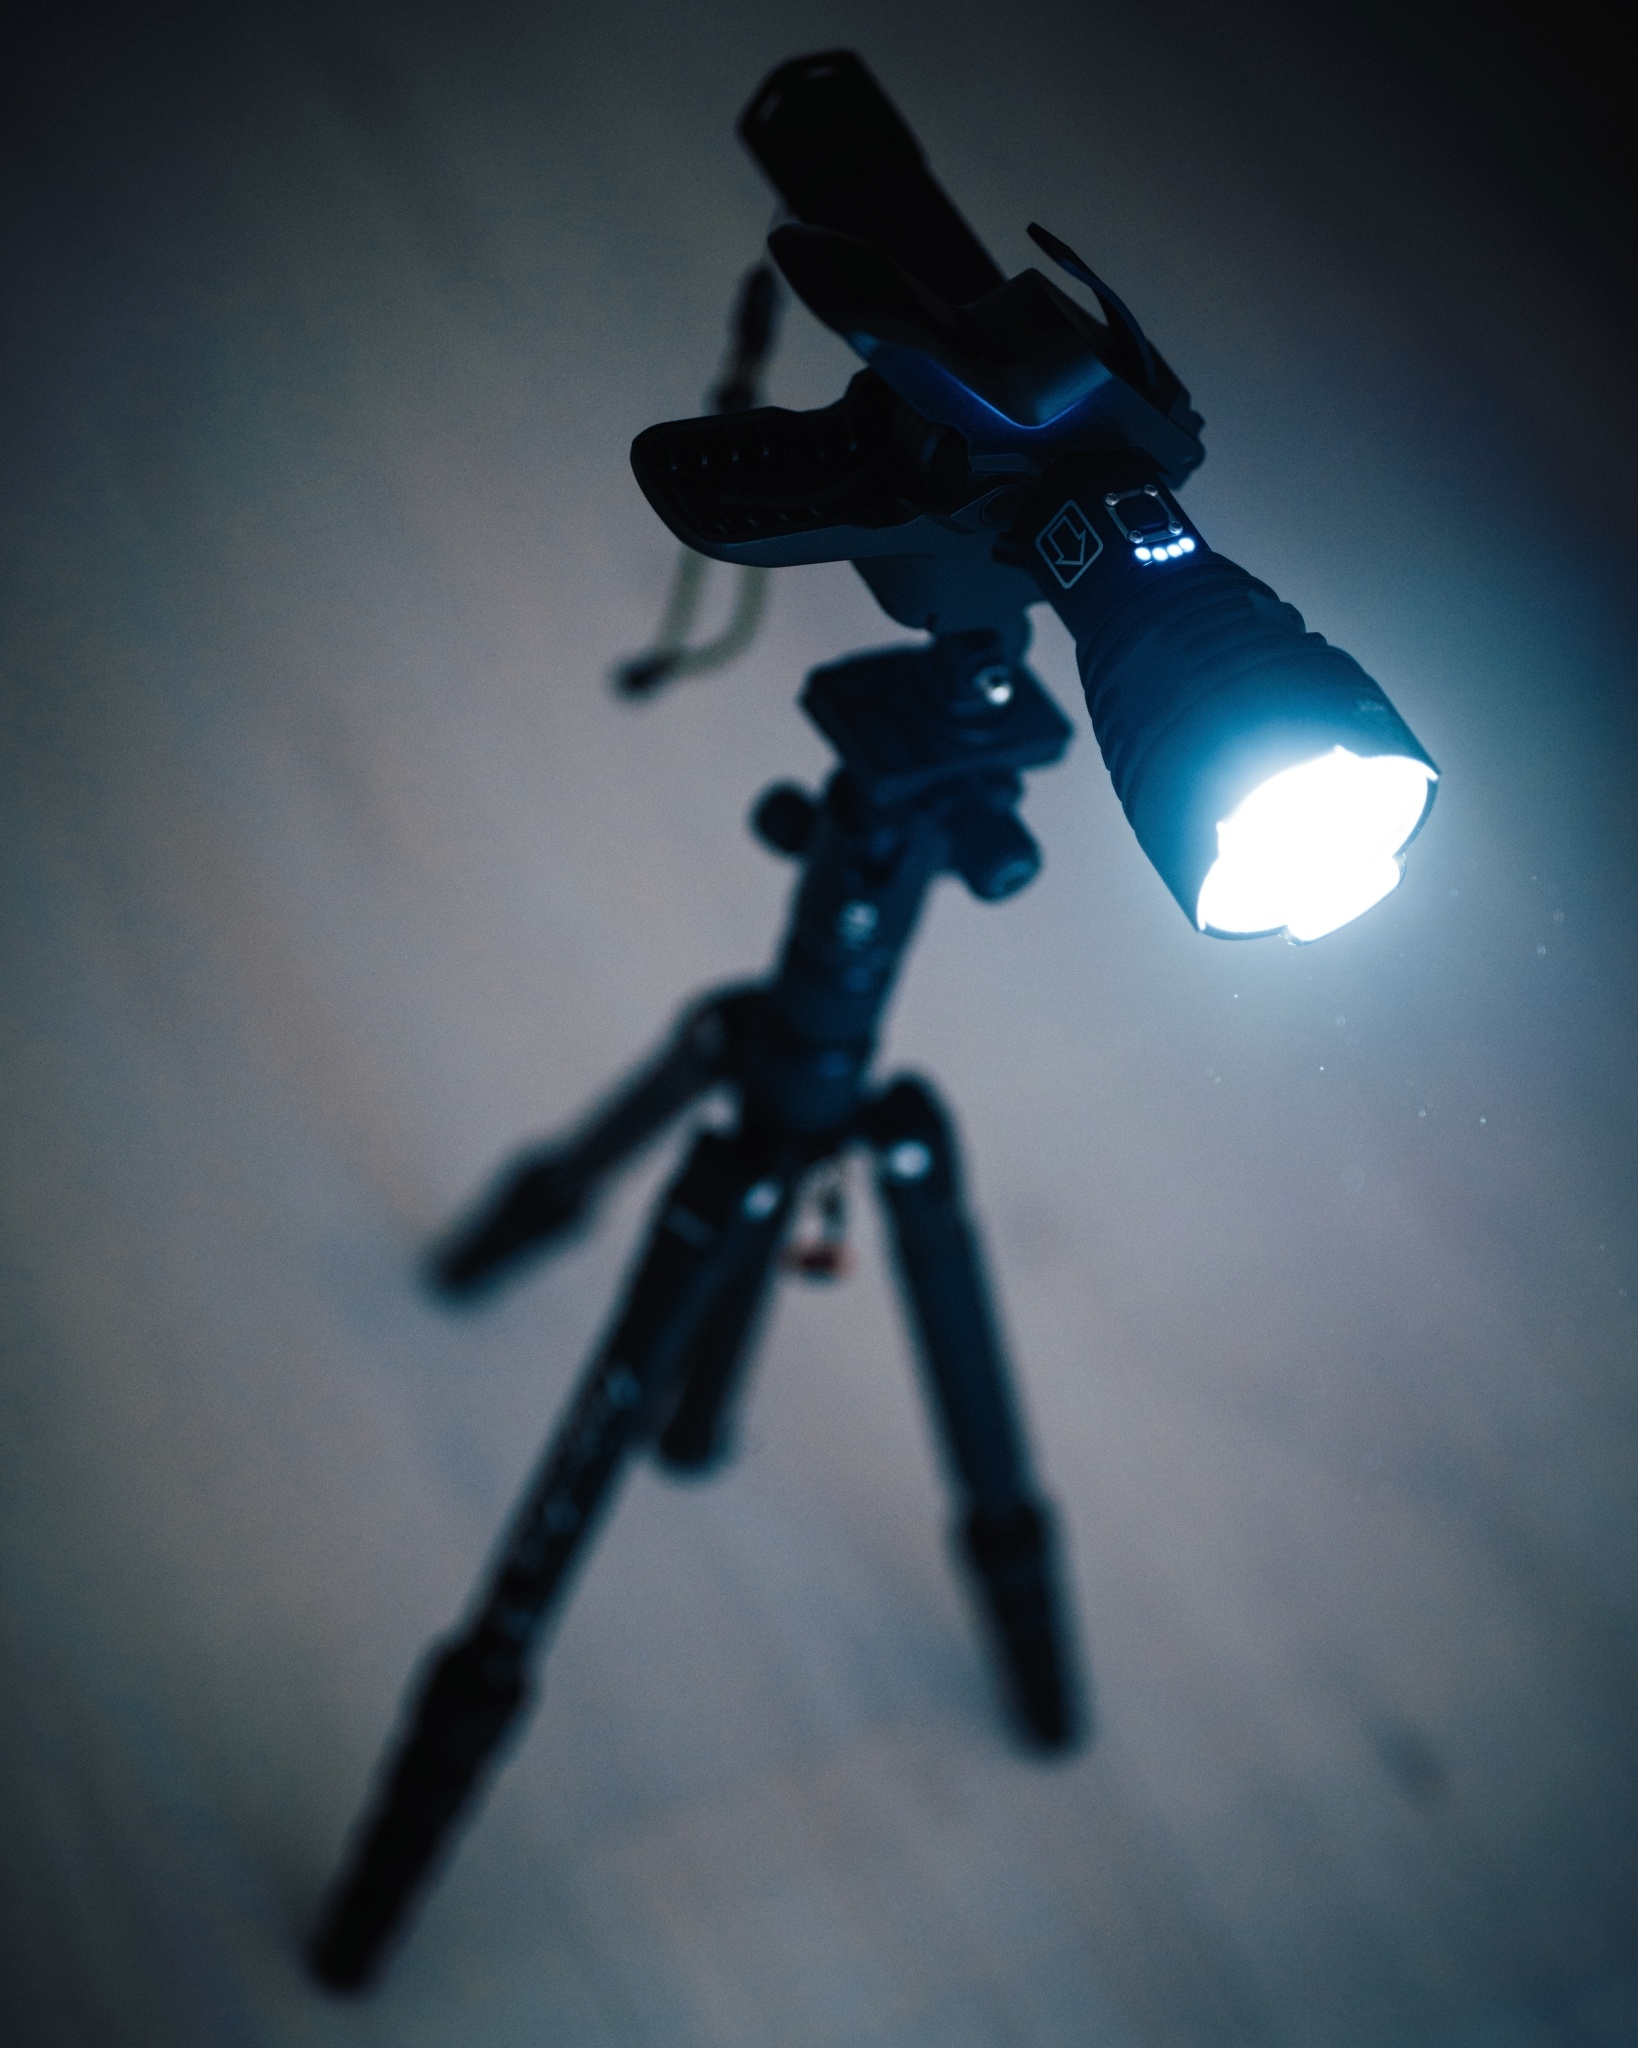 Efektní světelné pruhy: jak je snadno vytvořit a využít při focení